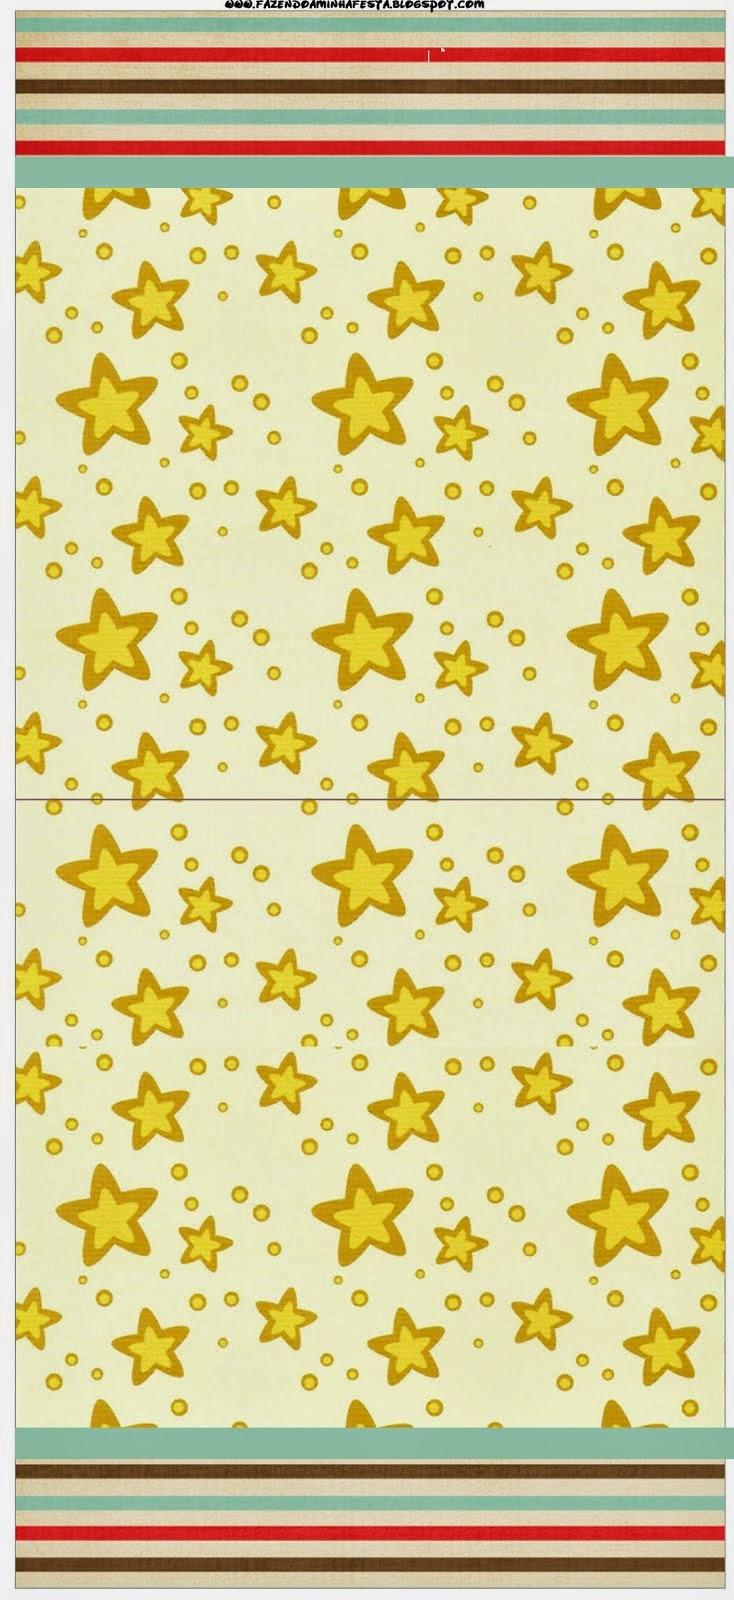 Etiquetas para Imprimir Gratis de Estrellas Doradas y Rayas de Colores.